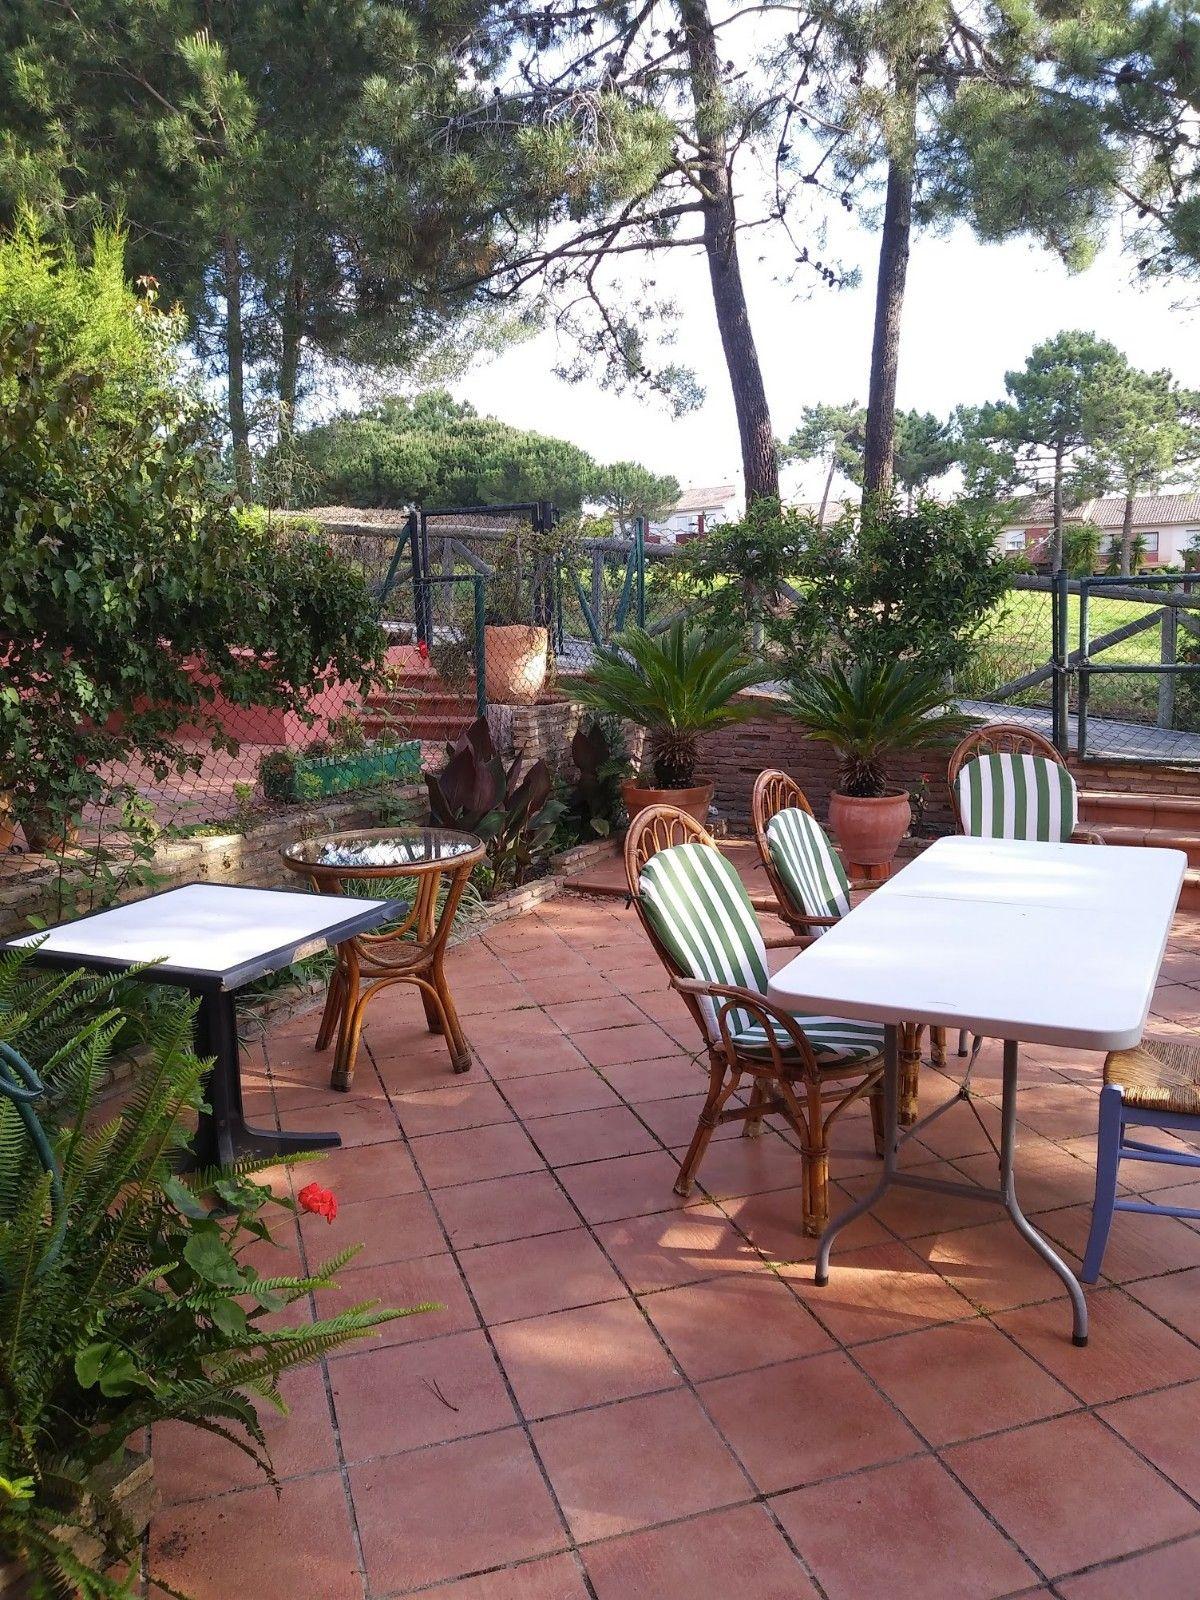 Casa en venta en Lepe, Huelva, Paseo del Barranco del Moro, 138.720 €, 3 habitaciones, 3 baños, 100 m2